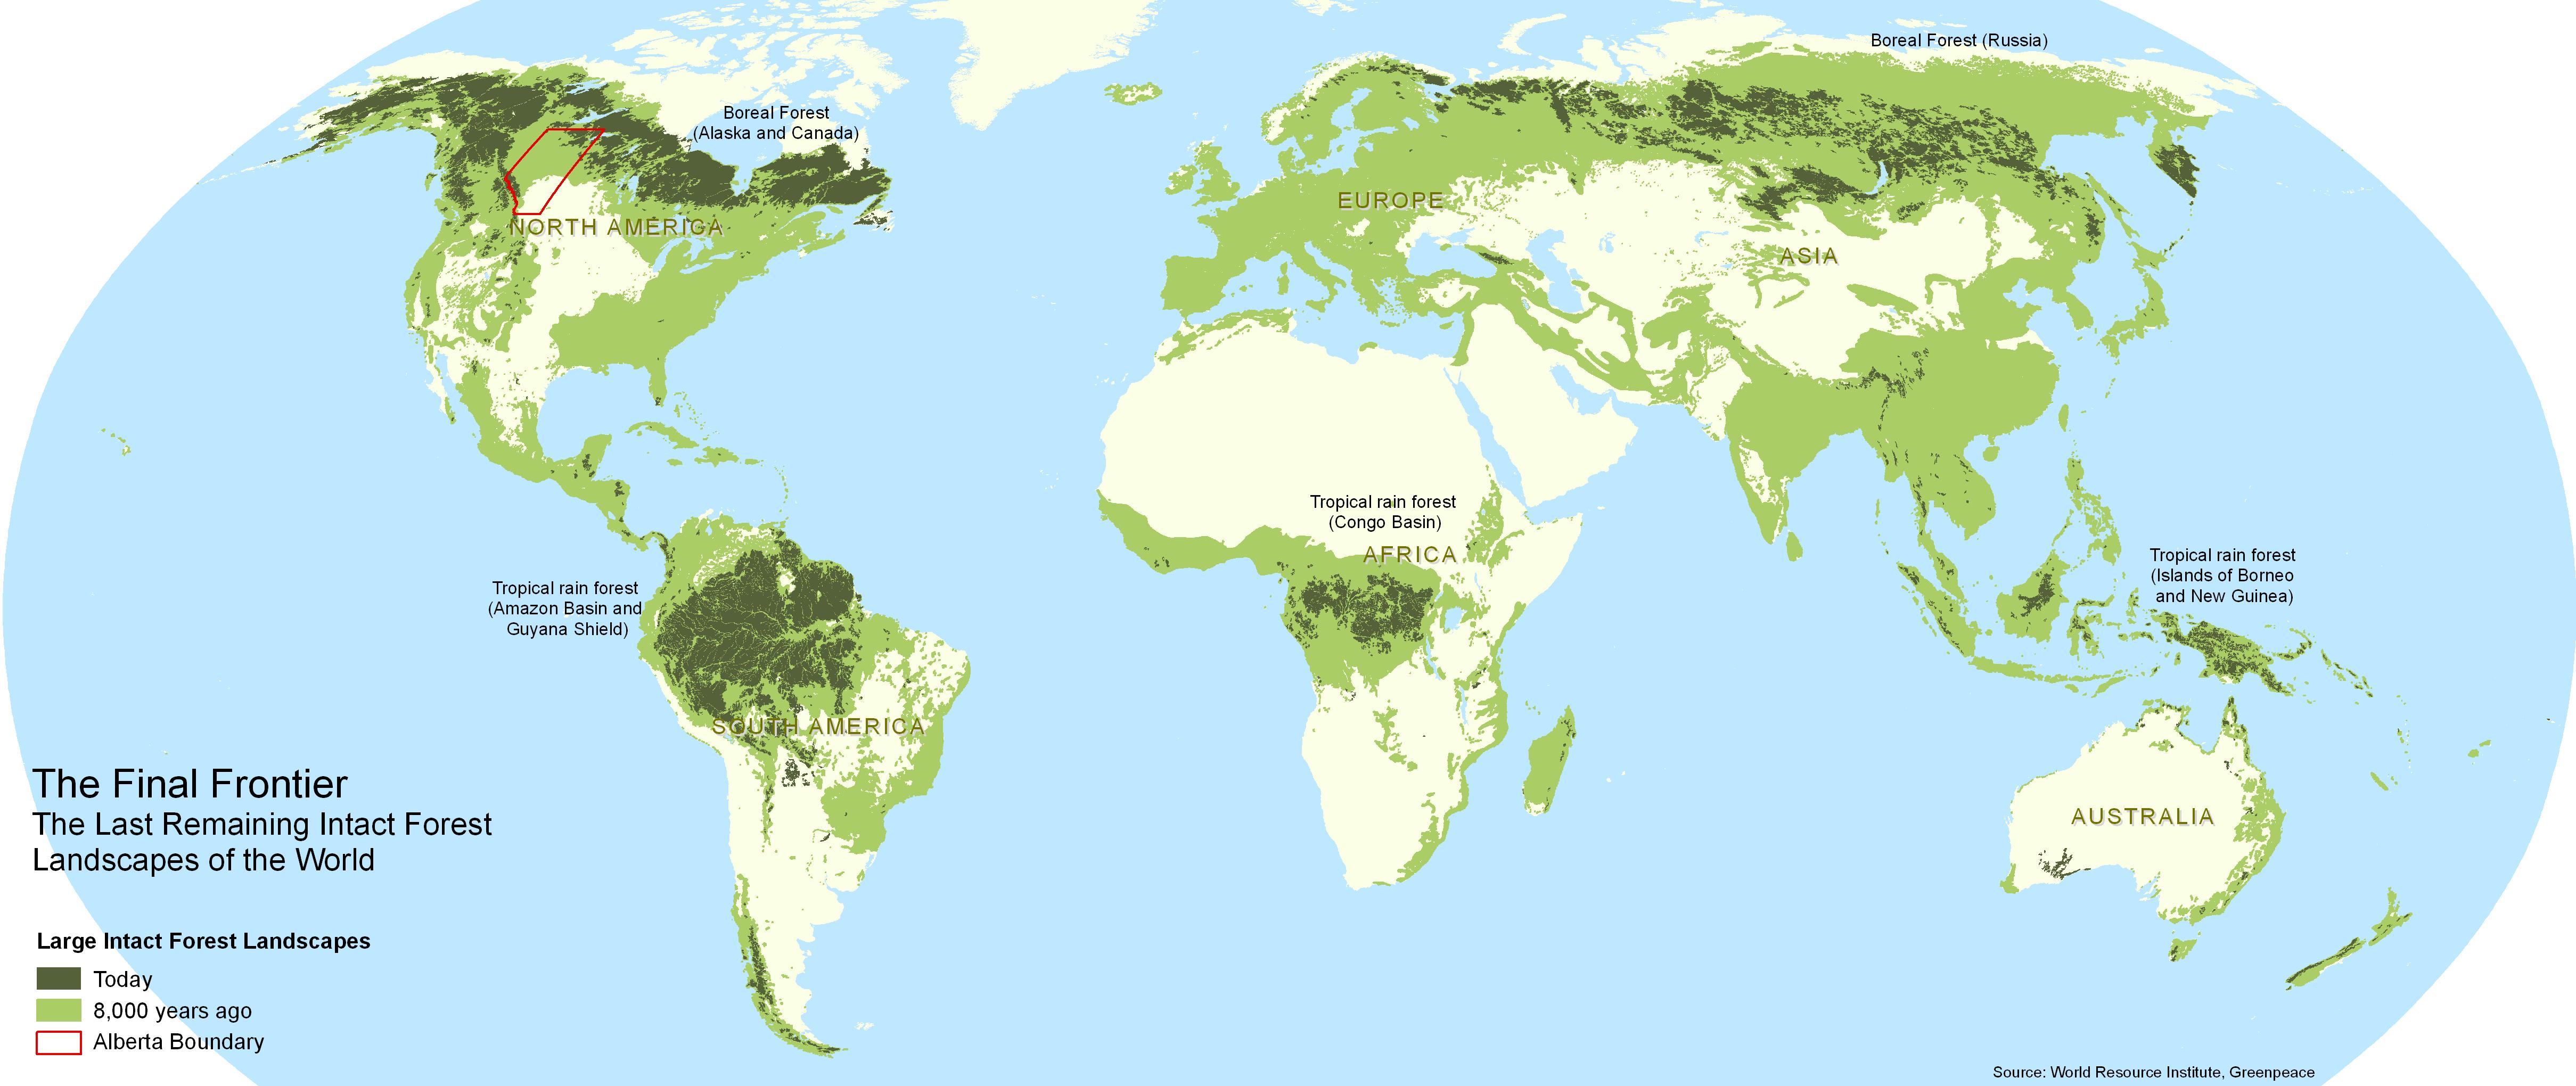 Carte des cartes vertes dans le monde projets cologiques locaux carte des cartes vertes dans le monde projets cologiques locaux cartes utiles au bien commun pinterest gumiabroncs Gallery